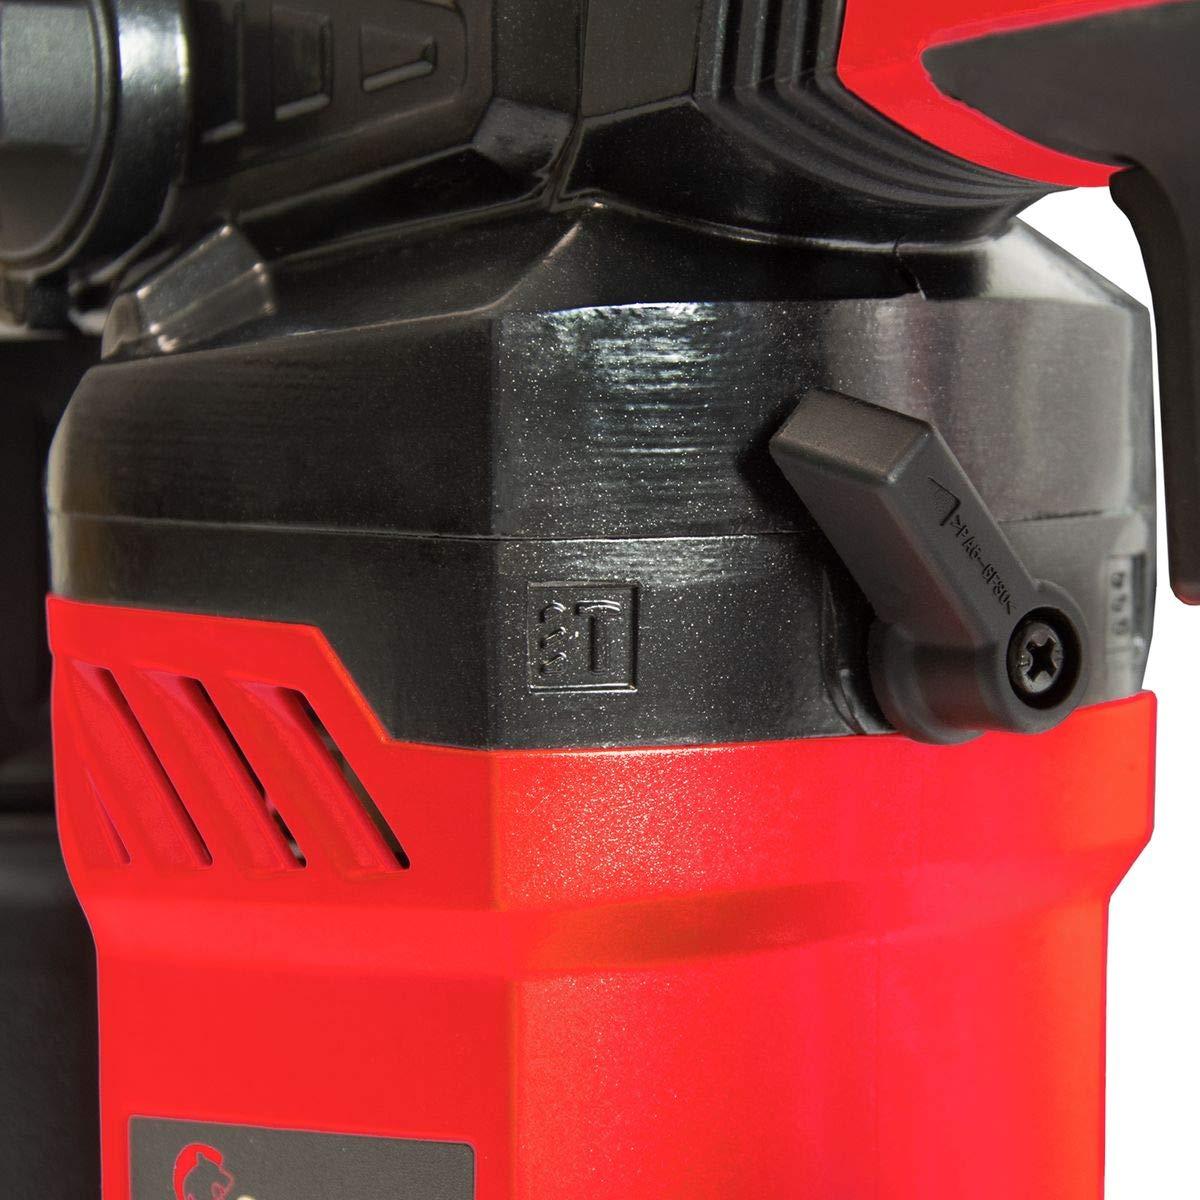 Hammerbohren Bohren Mei/ßeln Schrauben inkl SCHMIDT security tools SDS Plus Bohrhammer RH-710 Mei/ßelhammer Schlagbohrmaschine 710 W 2,6 J Schlagst/ärke Handwerker-Koffer Zubeh/ör